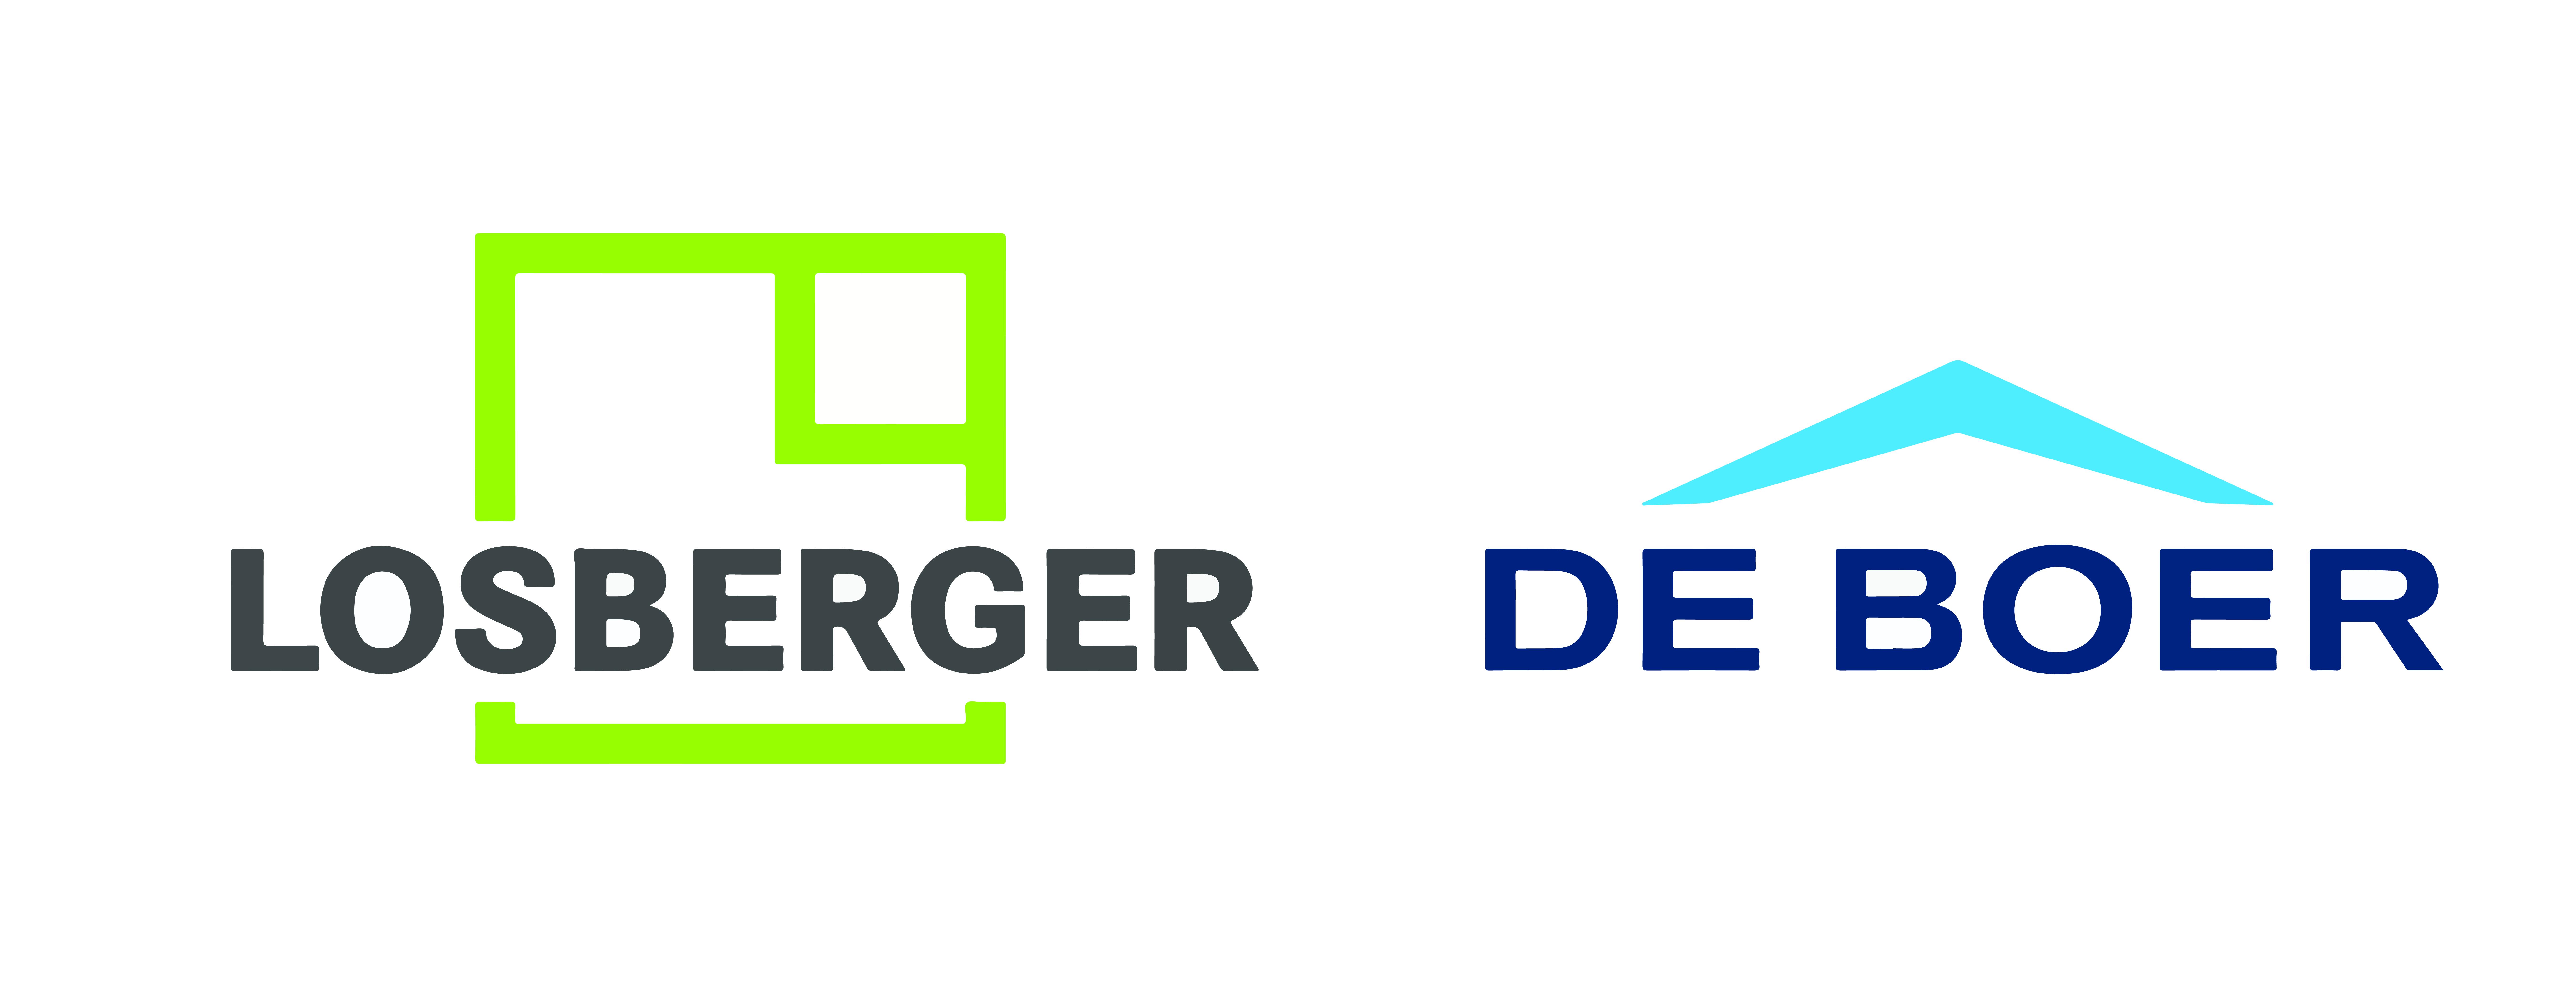 Losberger De Boer - De Boer levert tijdelijke turnkey accommodaties voor evenementen en bedrijfstoepassingen op elke mogelijke locatie.